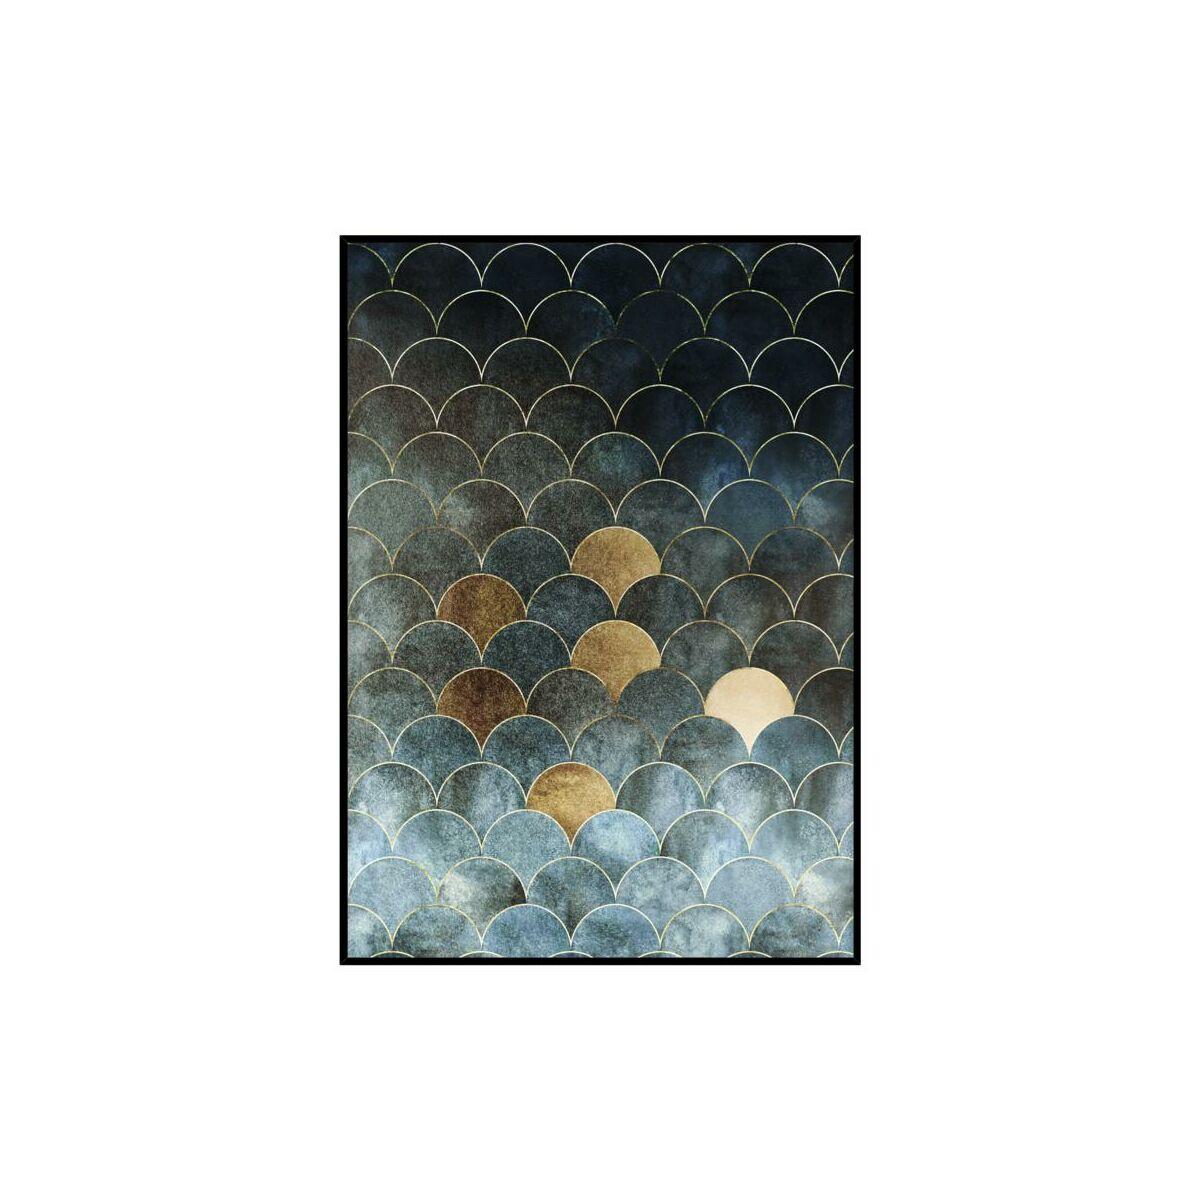 Obraz Scale 50 X 70 Cm Obrazy Kanwy W Atrakcyjnej Cenie W Sklepach Leroy Merlin